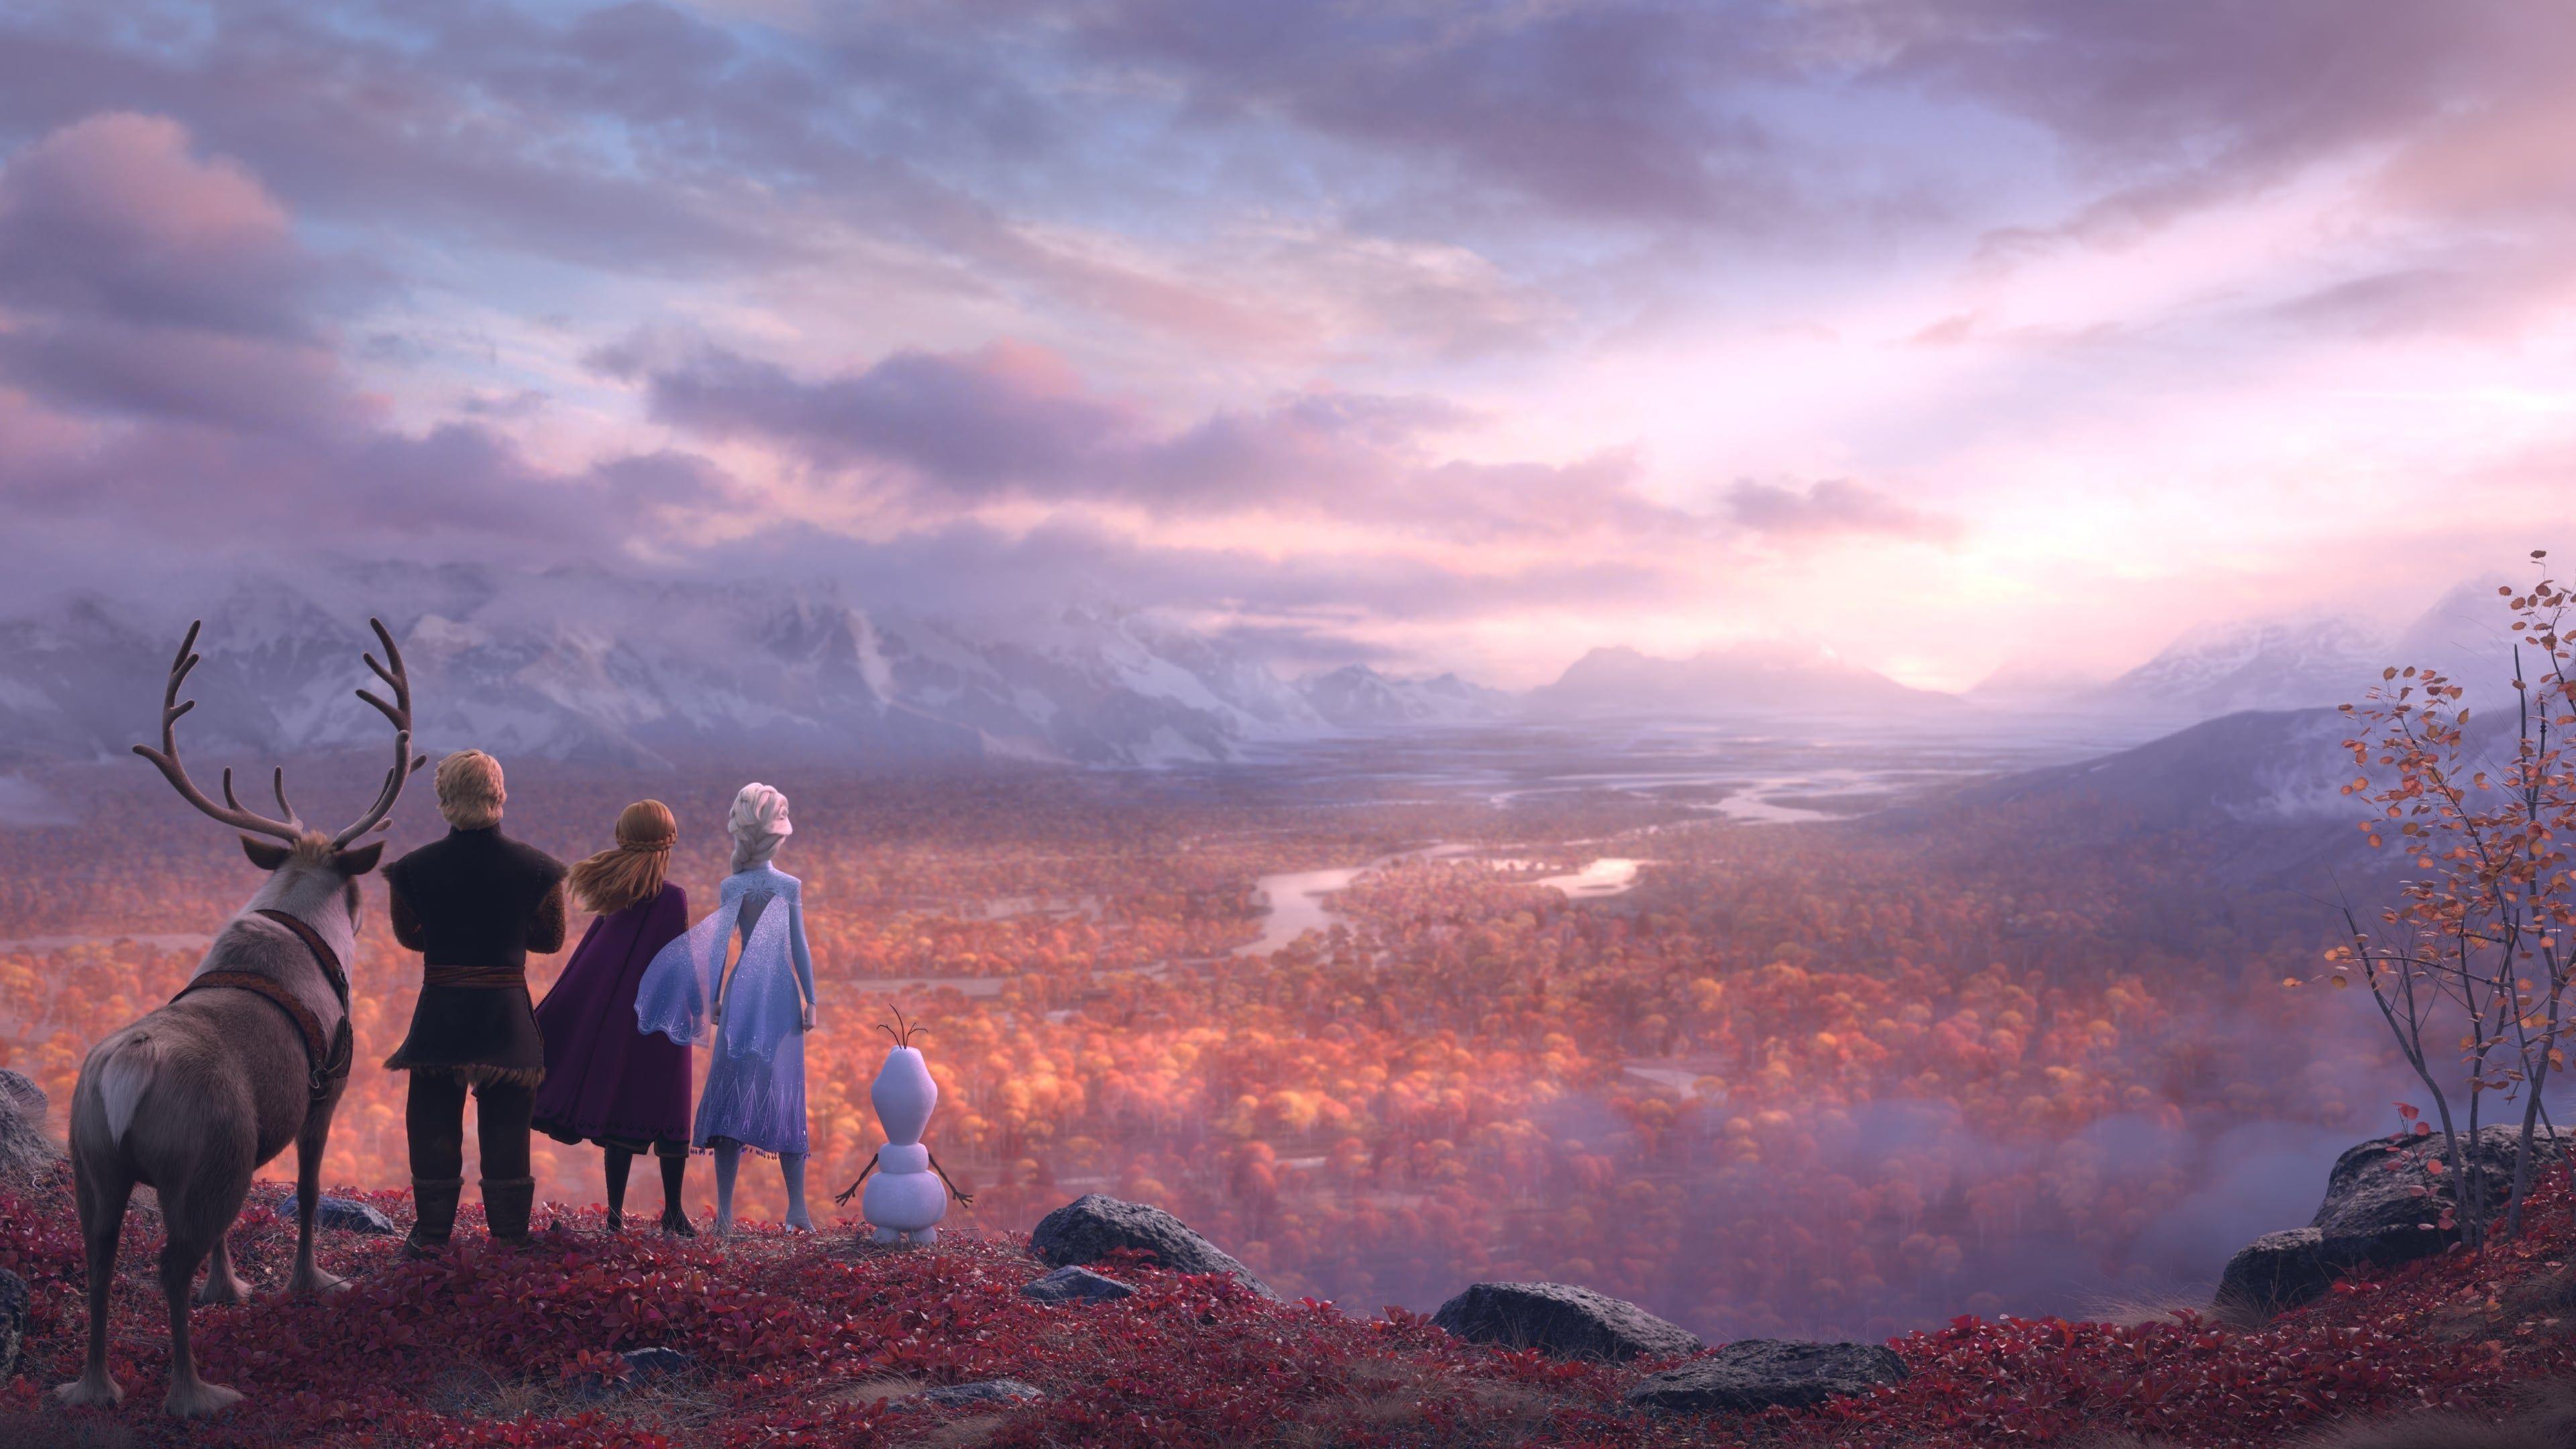 Watch Frozen Ii Full Movie Hd Free Download 2019 Frozen2 Frozen22019 Frozen2movies Frozen2fullmo Streaming Movies Online Free Movies Online Movies Online